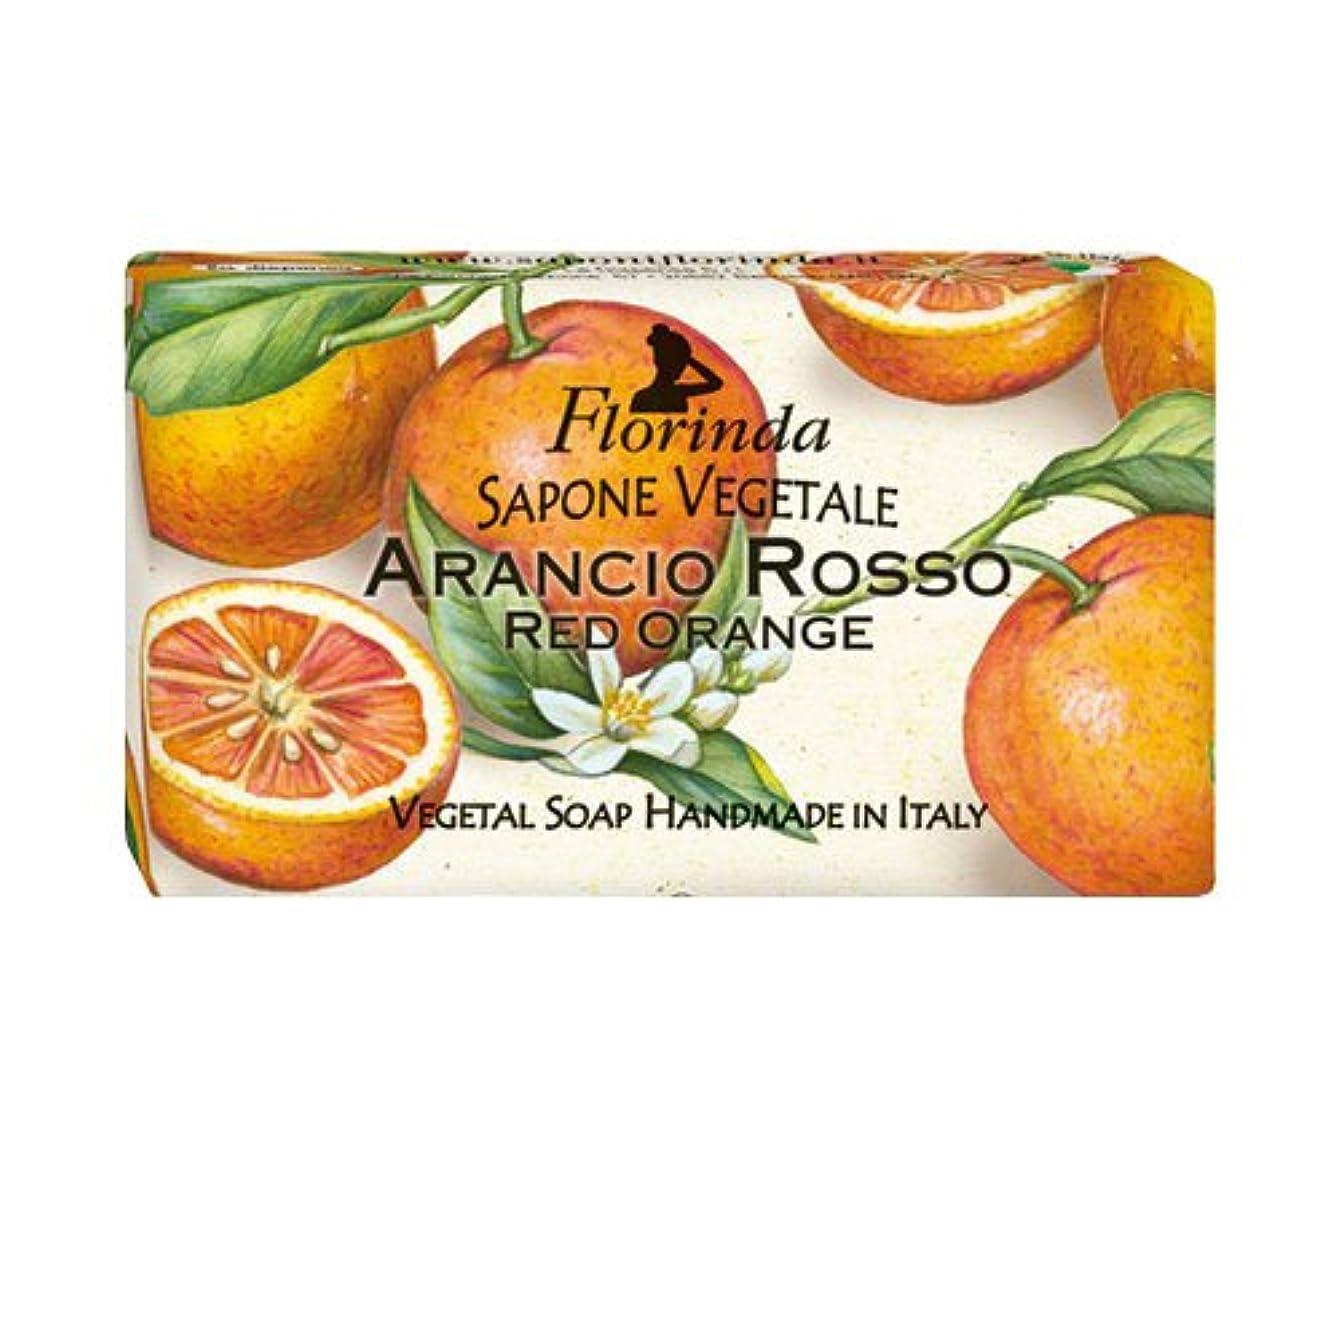 観点アルコール払い戻しフロリンダ フレグランスソープ フルーツ レッドオレンジ 95g